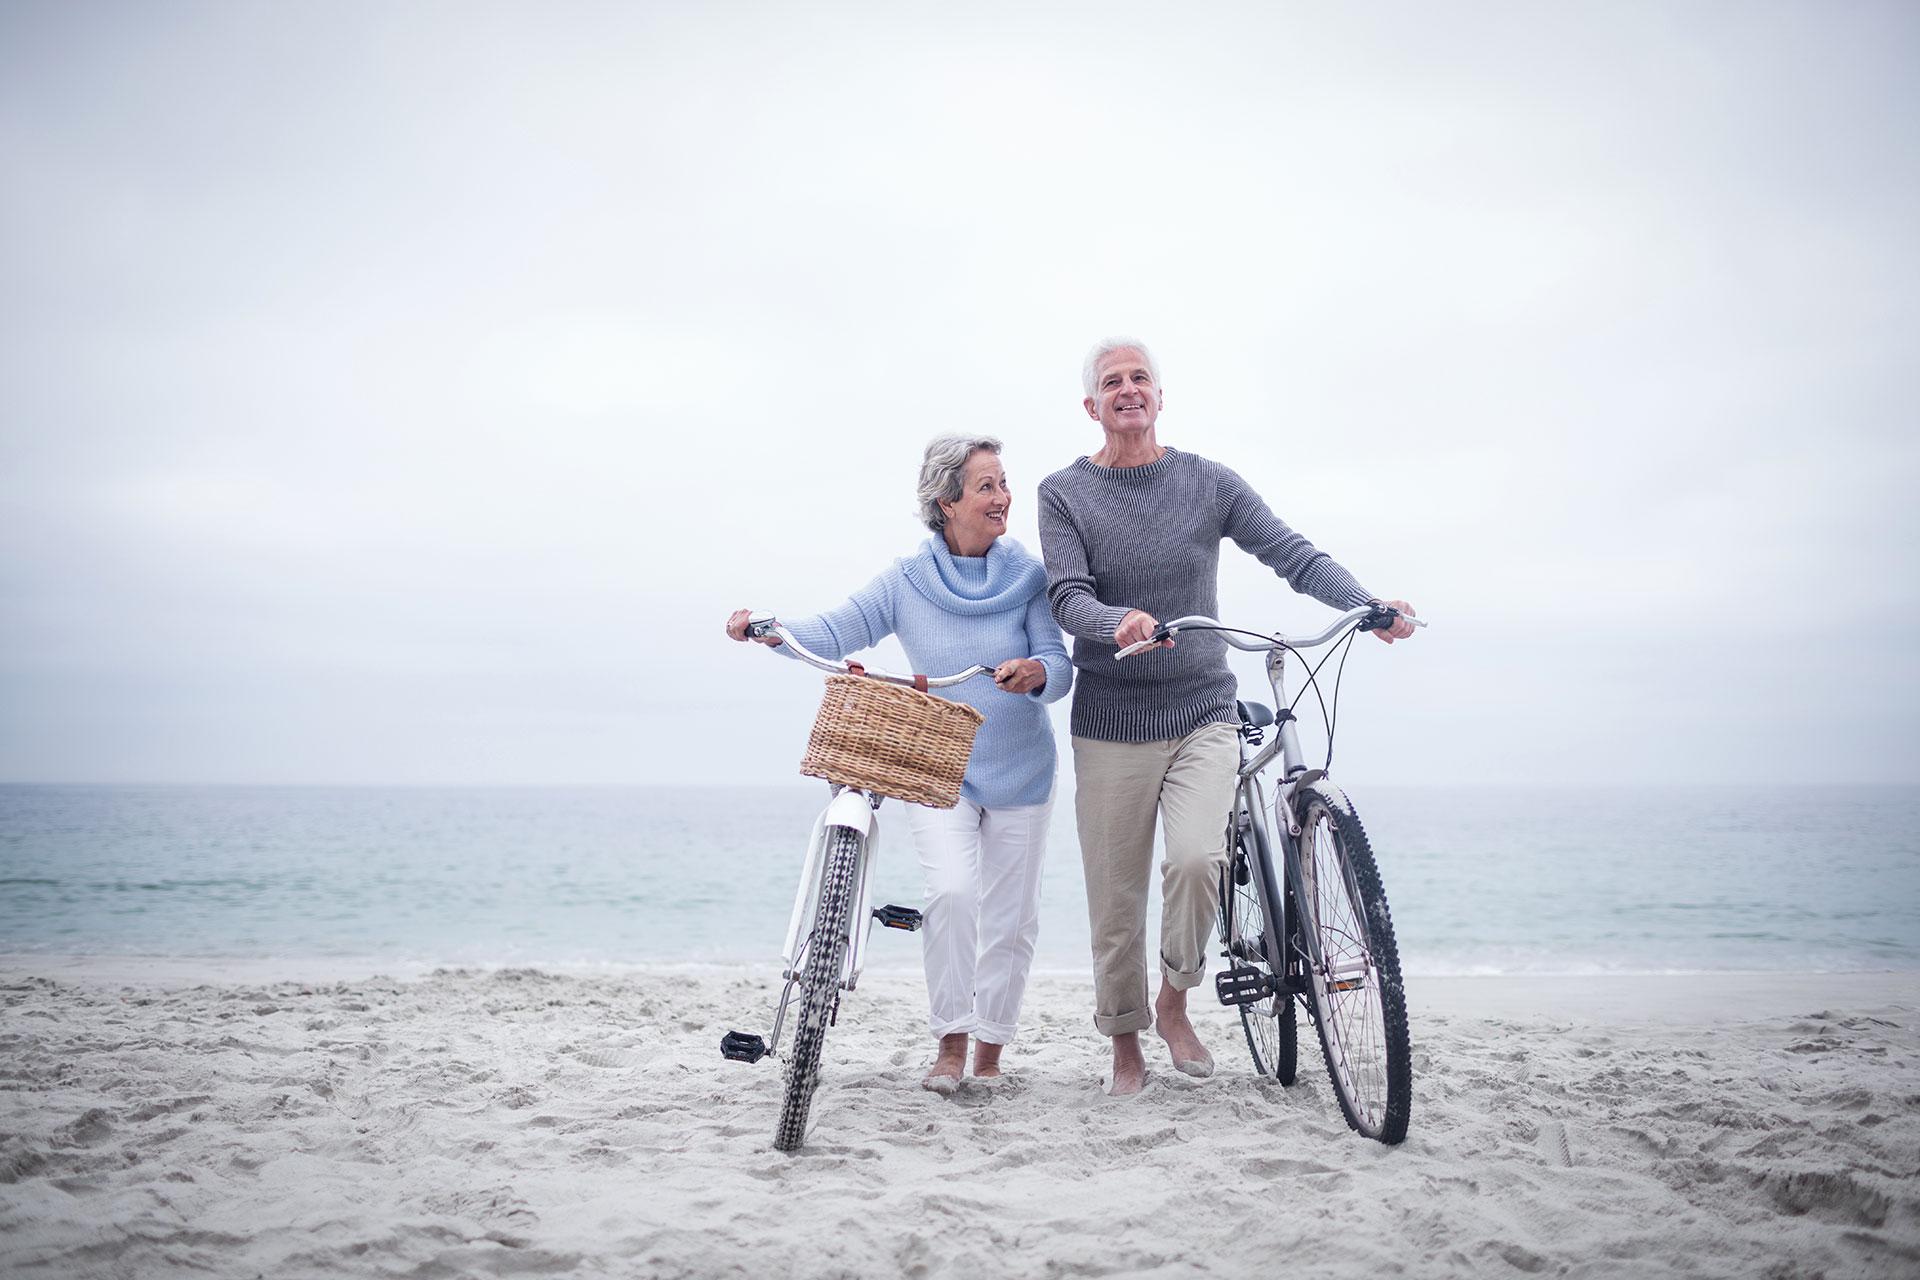 Informieren Sie sich jetzt und betreiben Sie Vorsorge für sich und Ihren Körper – Eine ältere Dame und ein älterer Herr spazieren mit Ihren Fahrrädern am Stand